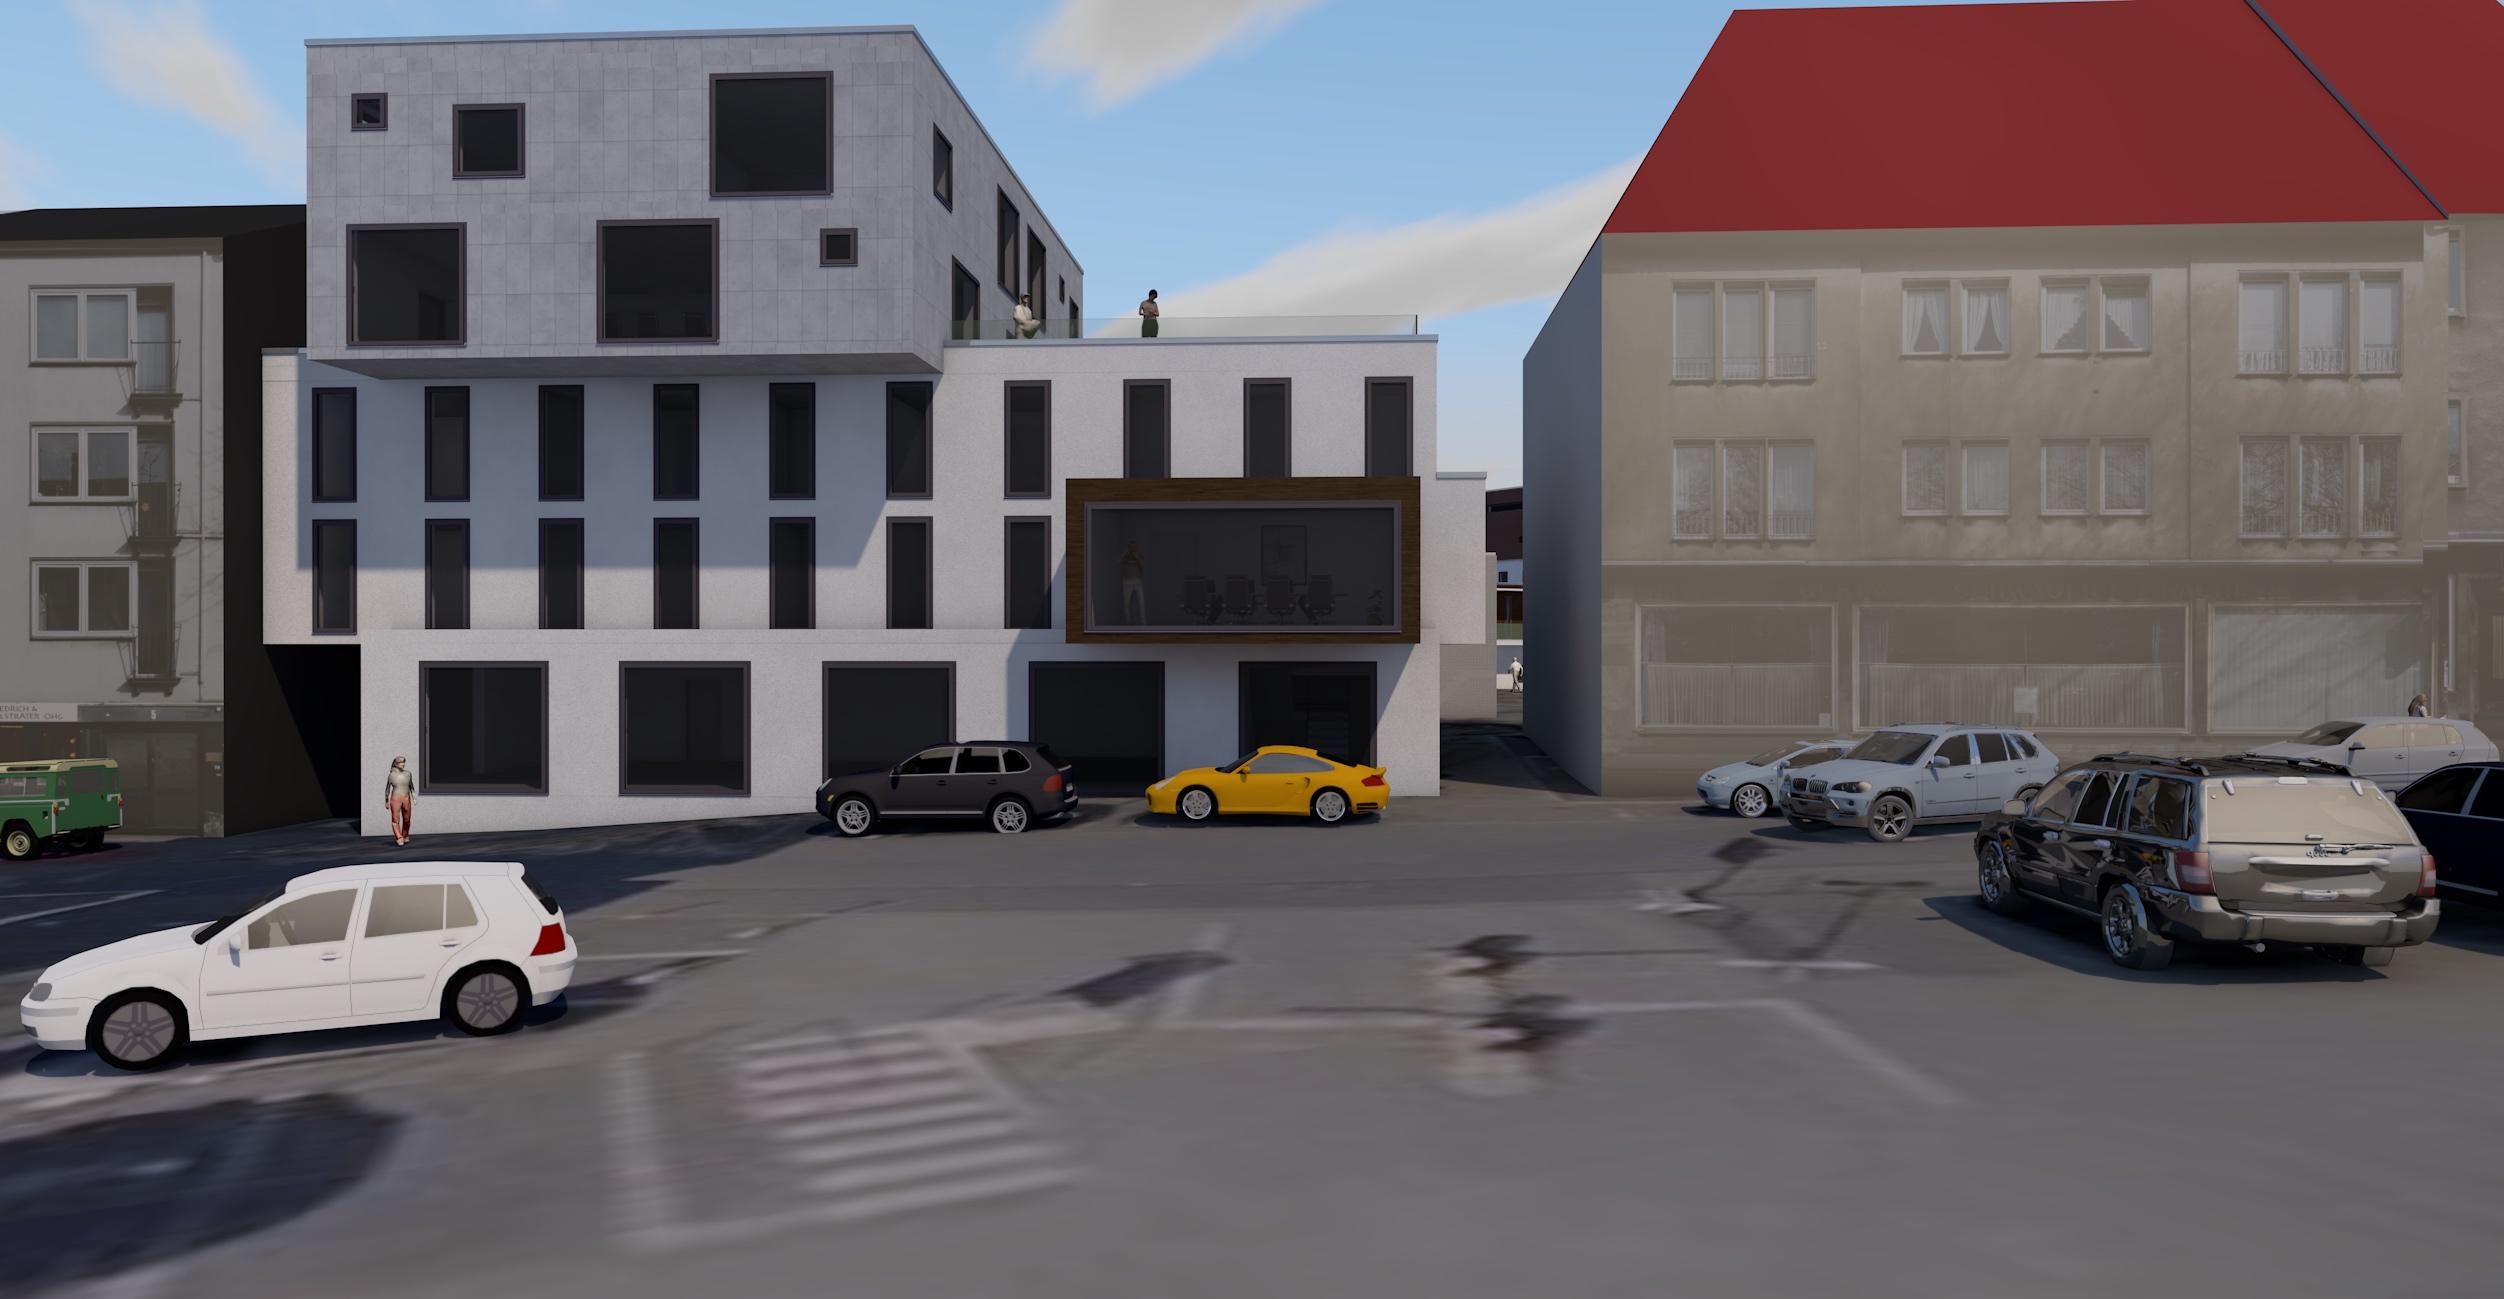 https://architektur-anders.de/wp-content/uploads/2018/06/Kreuzstr.-Bild-19-Kopie.jpg